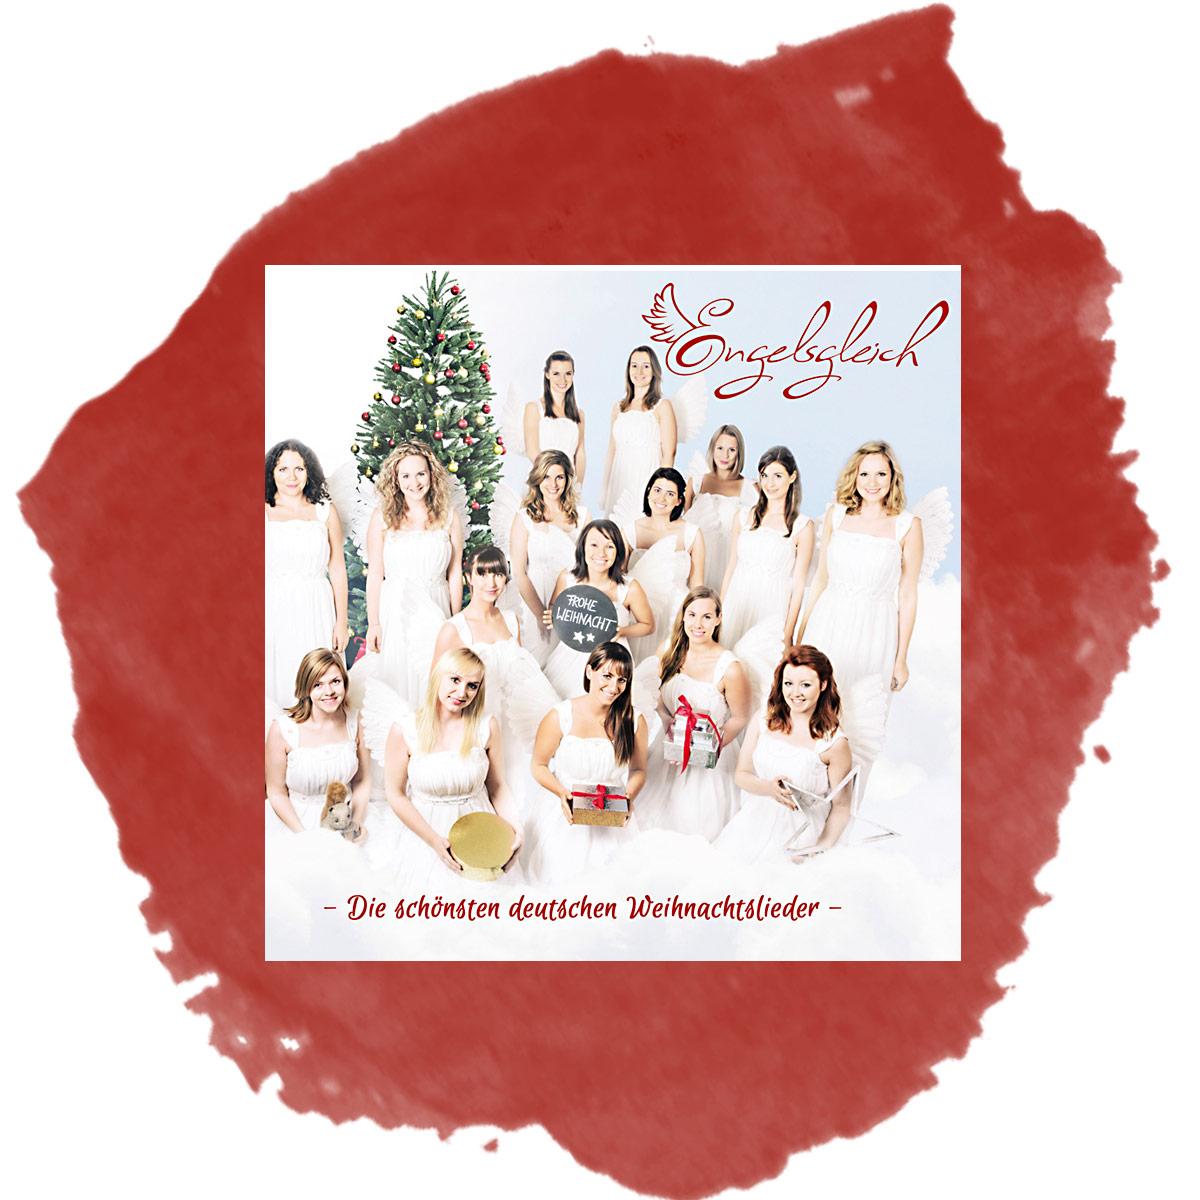 Die Schönsten Deutsche Weihnachtslieder.Das Weihnachtsalbum Engelsgleich Die Schönsten Deutschen Weihnachtslieder